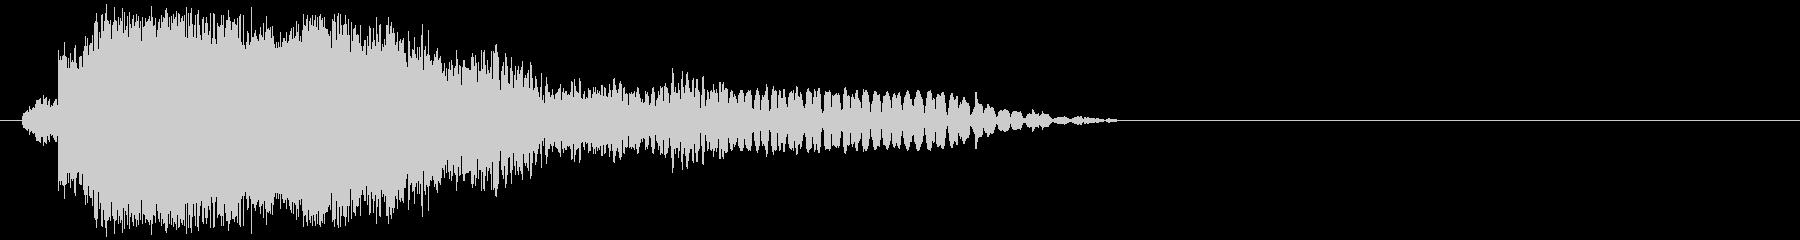 派手で印象的な斬撃音#4の未再生の波形